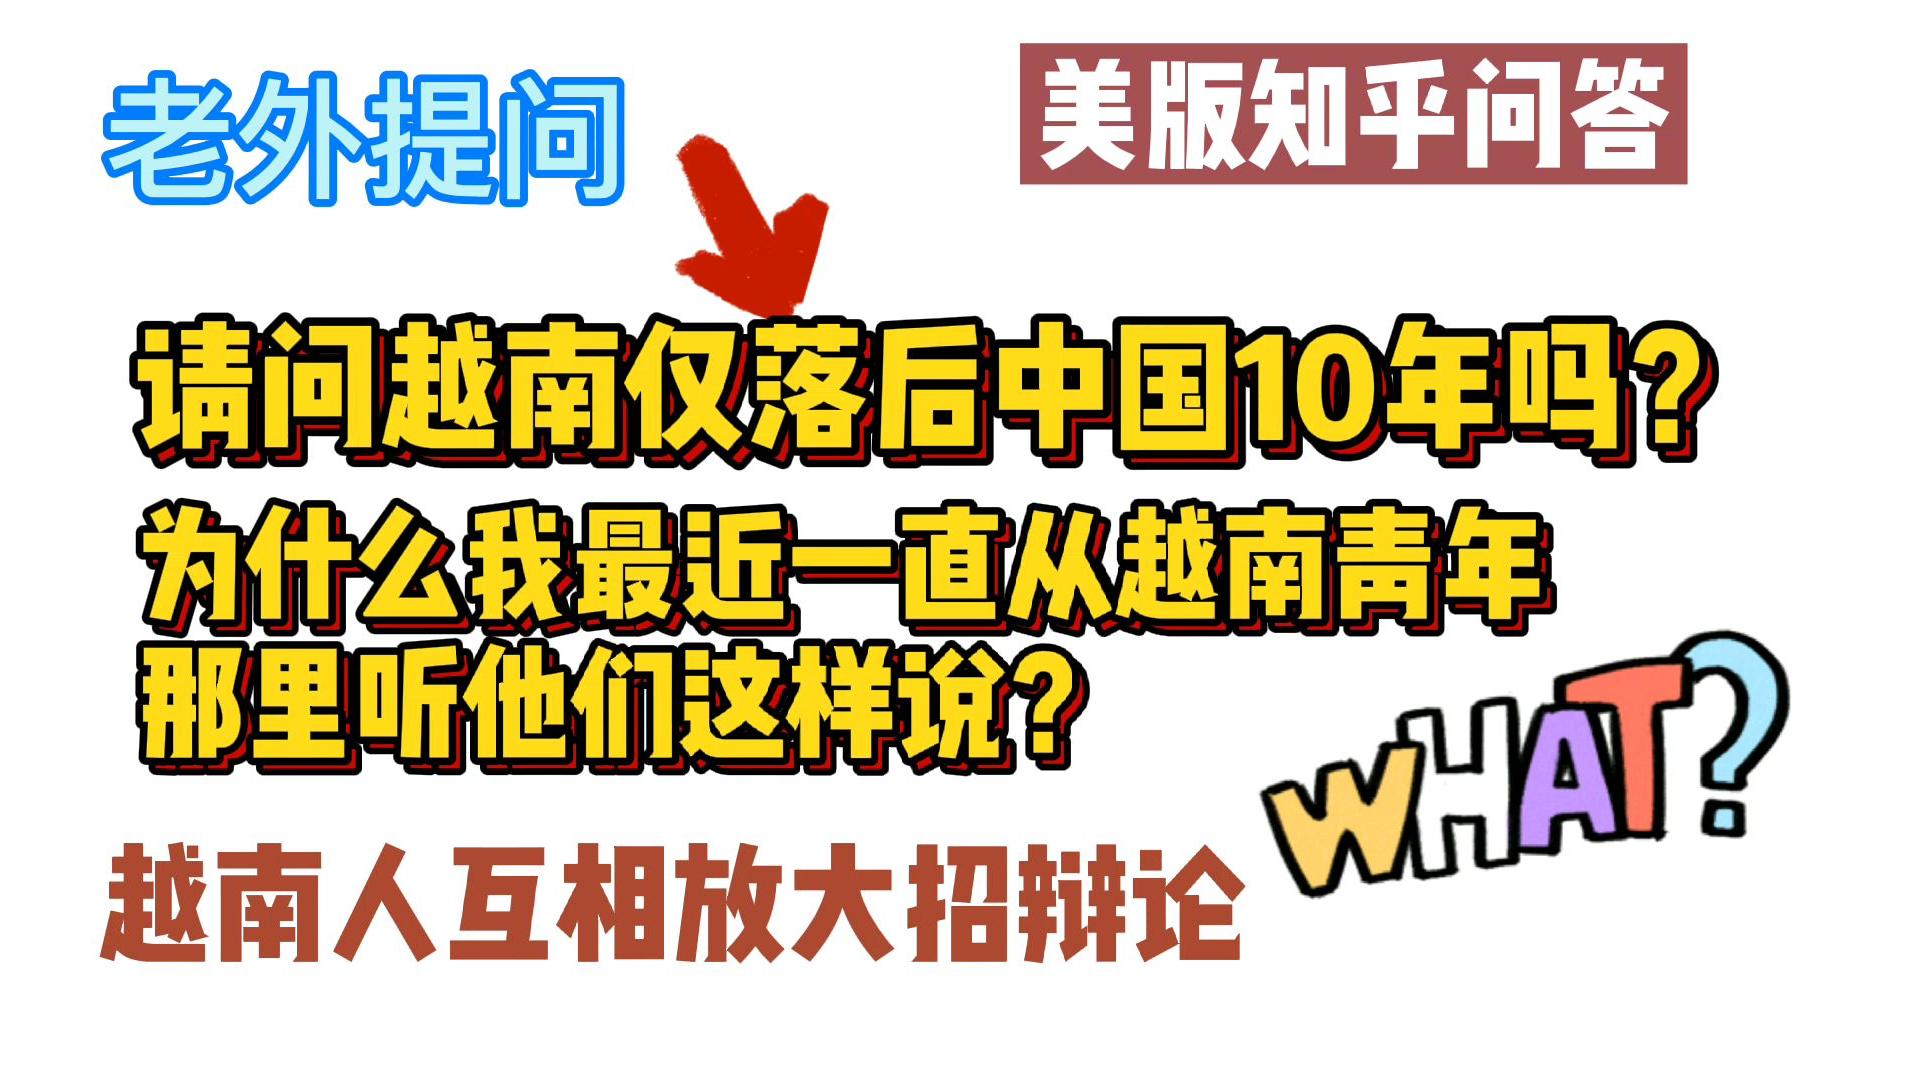 美国知乎,老外问请问越南仅落后中国10年吗?为什么我最近一直从越南青年那里听他们这样说?越南网友互撕